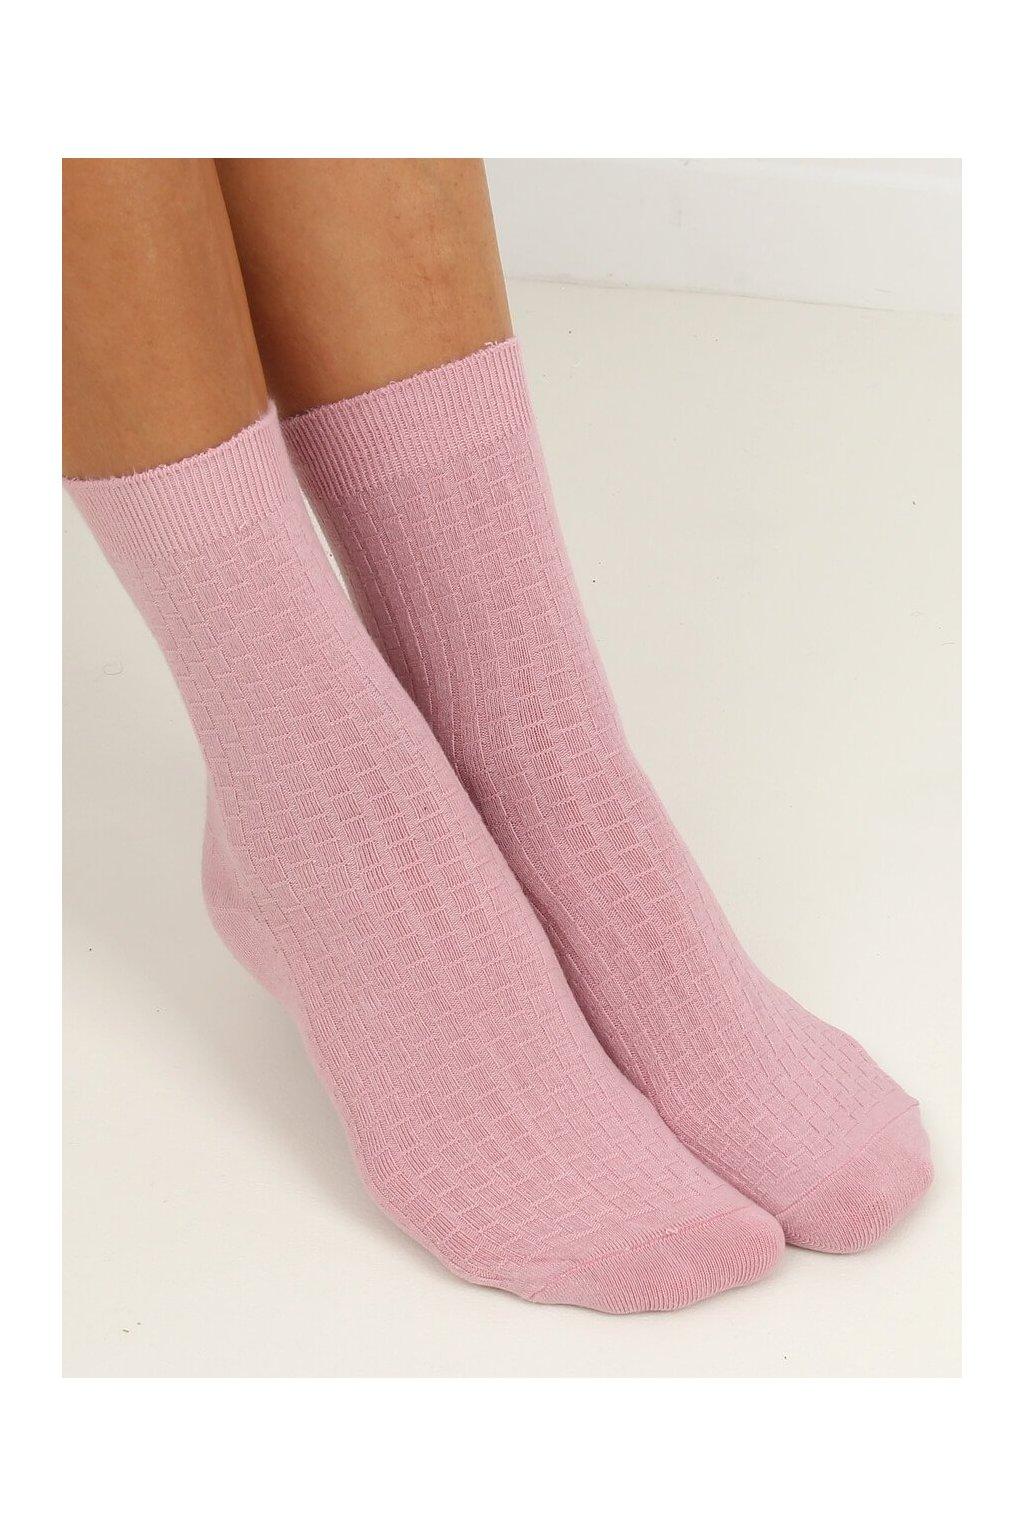 Damske ponožky ružové SK-N8808